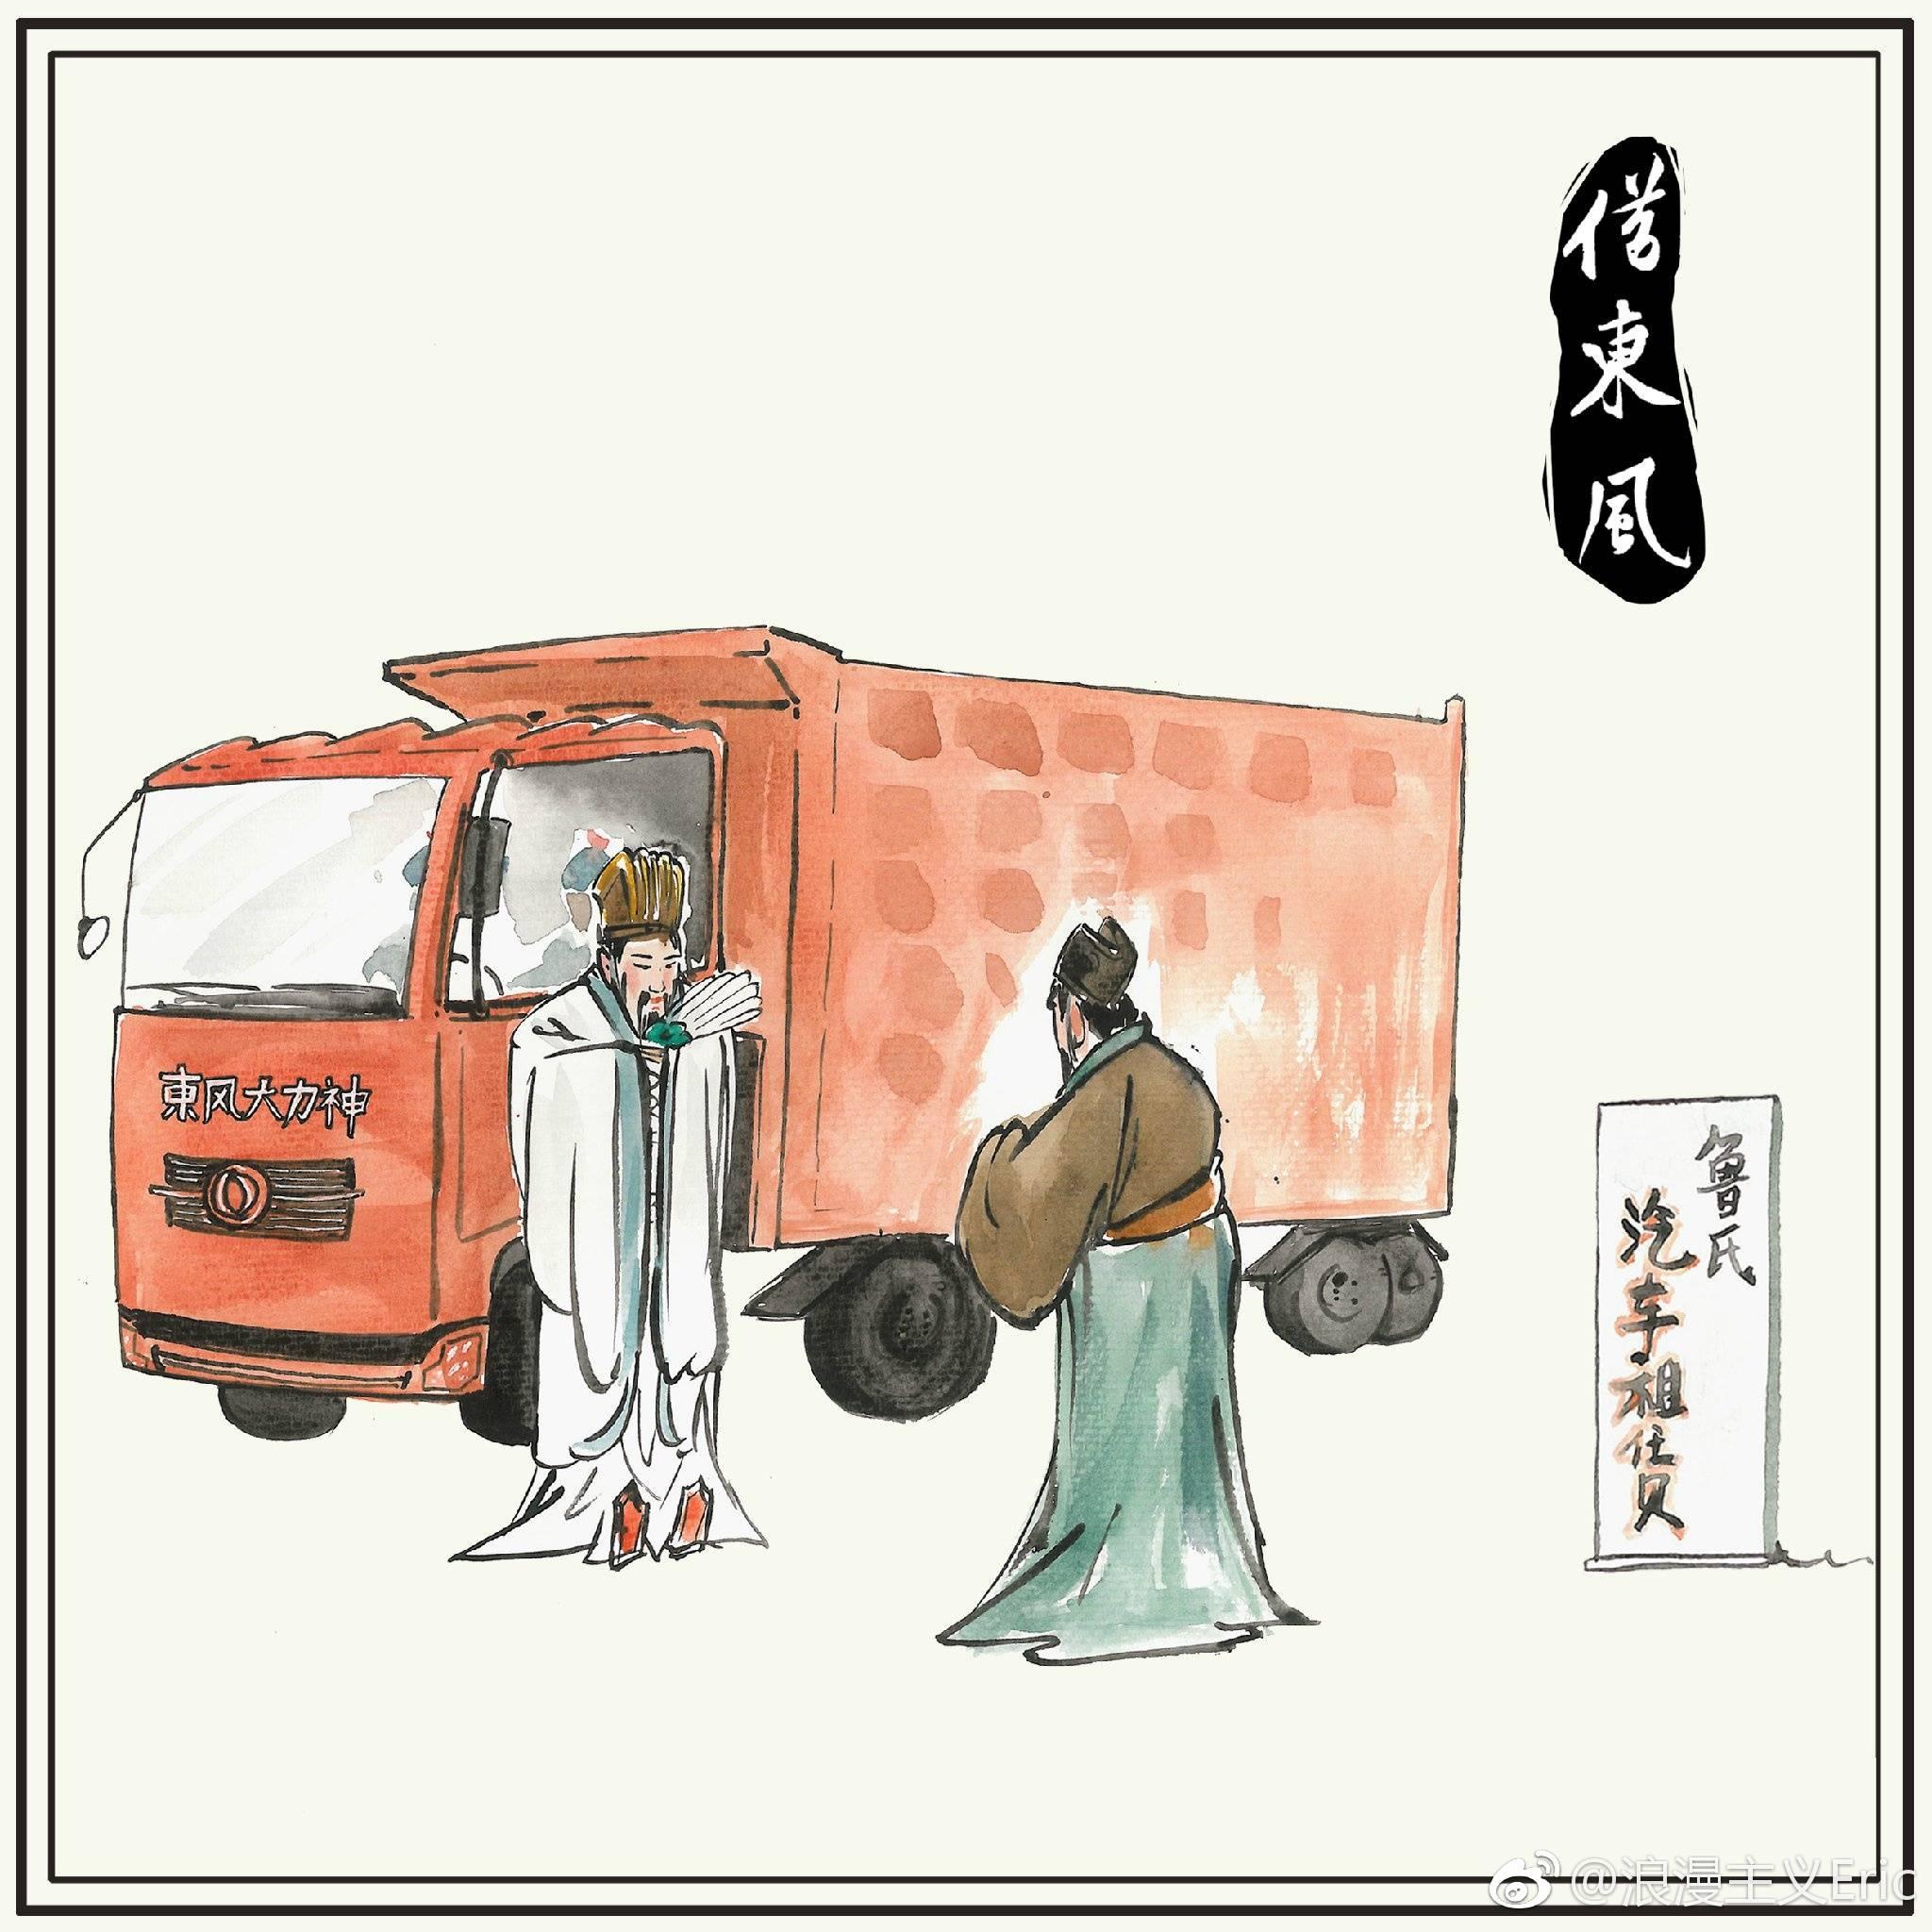 刘备,曹操合江亭吃火锅 成都90后古风漫画哥走红